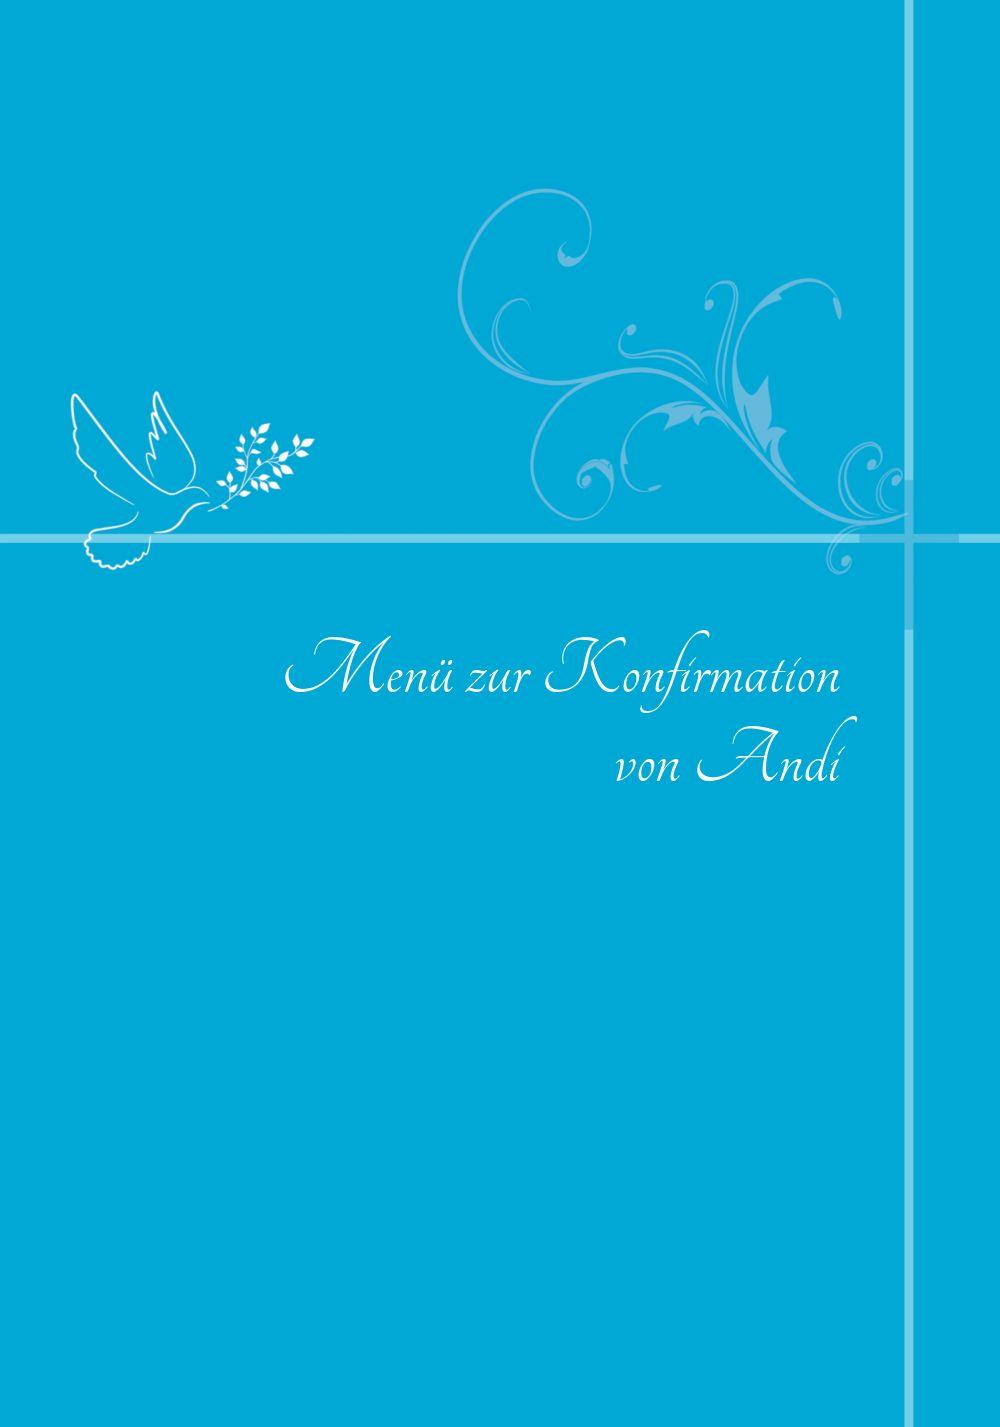 Ansicht 3 - Menükarte zur Konfirmation floral